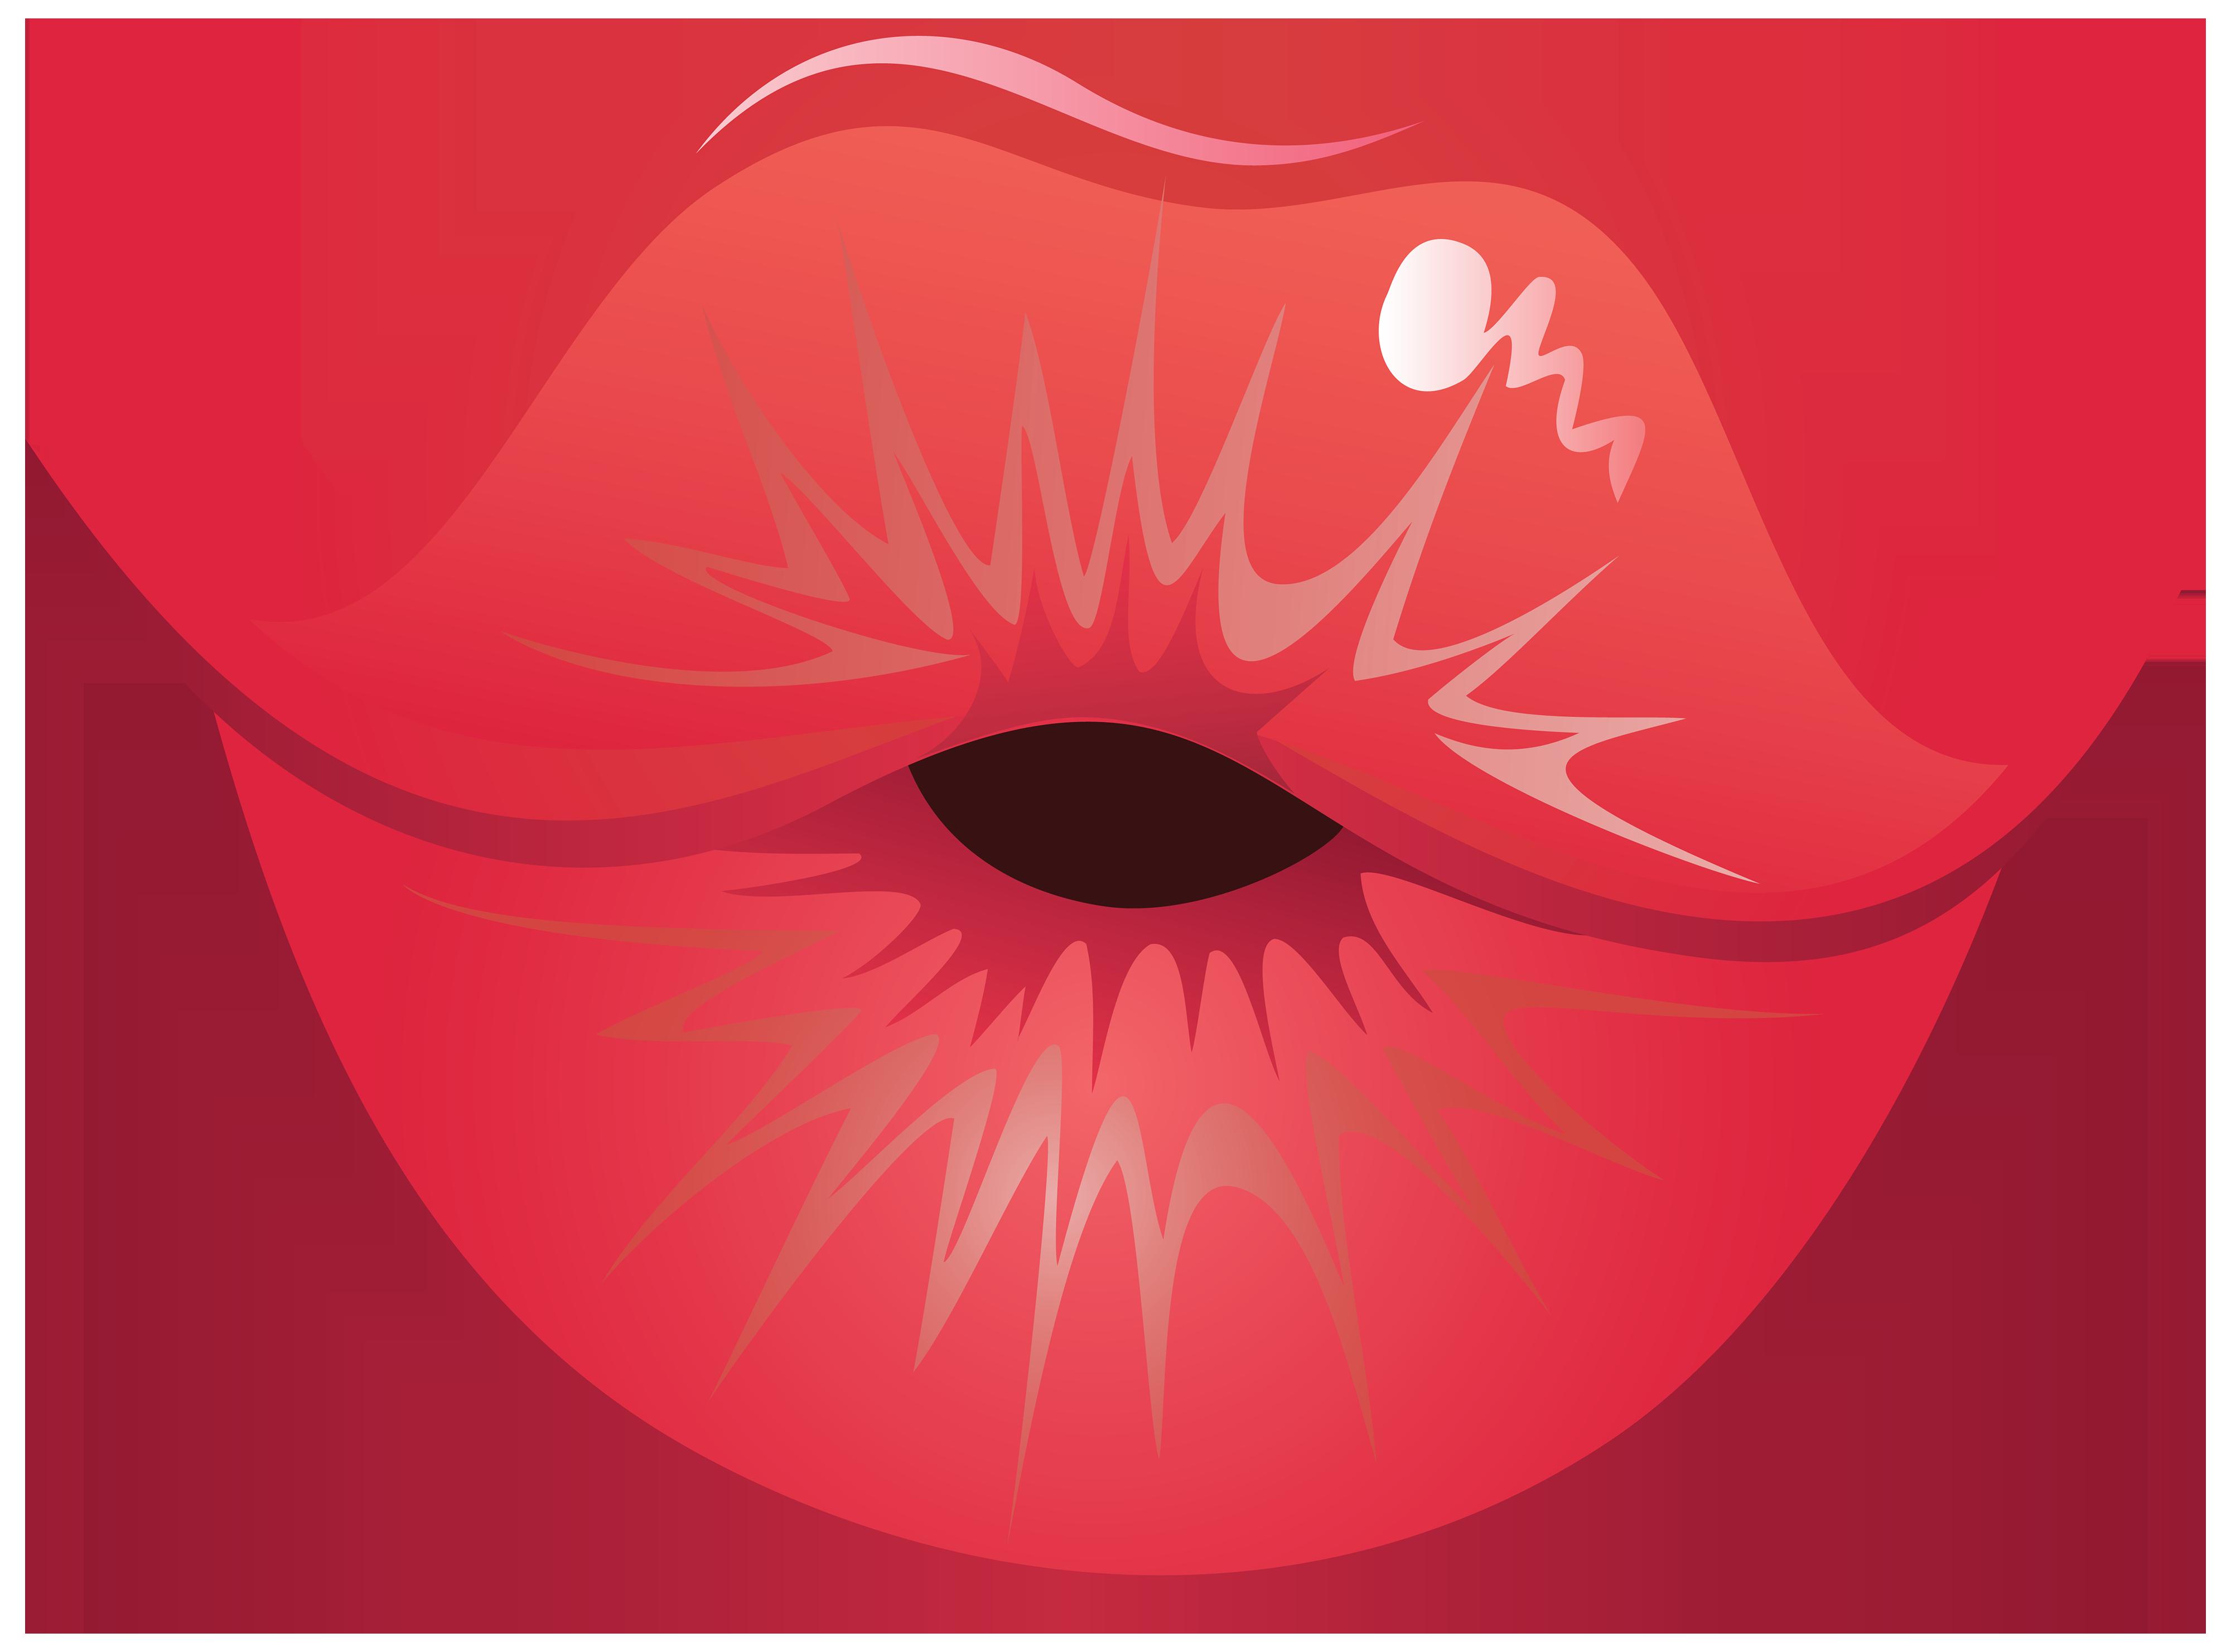 pin Lips clipart kissy lip #4 - Lips HD PNG